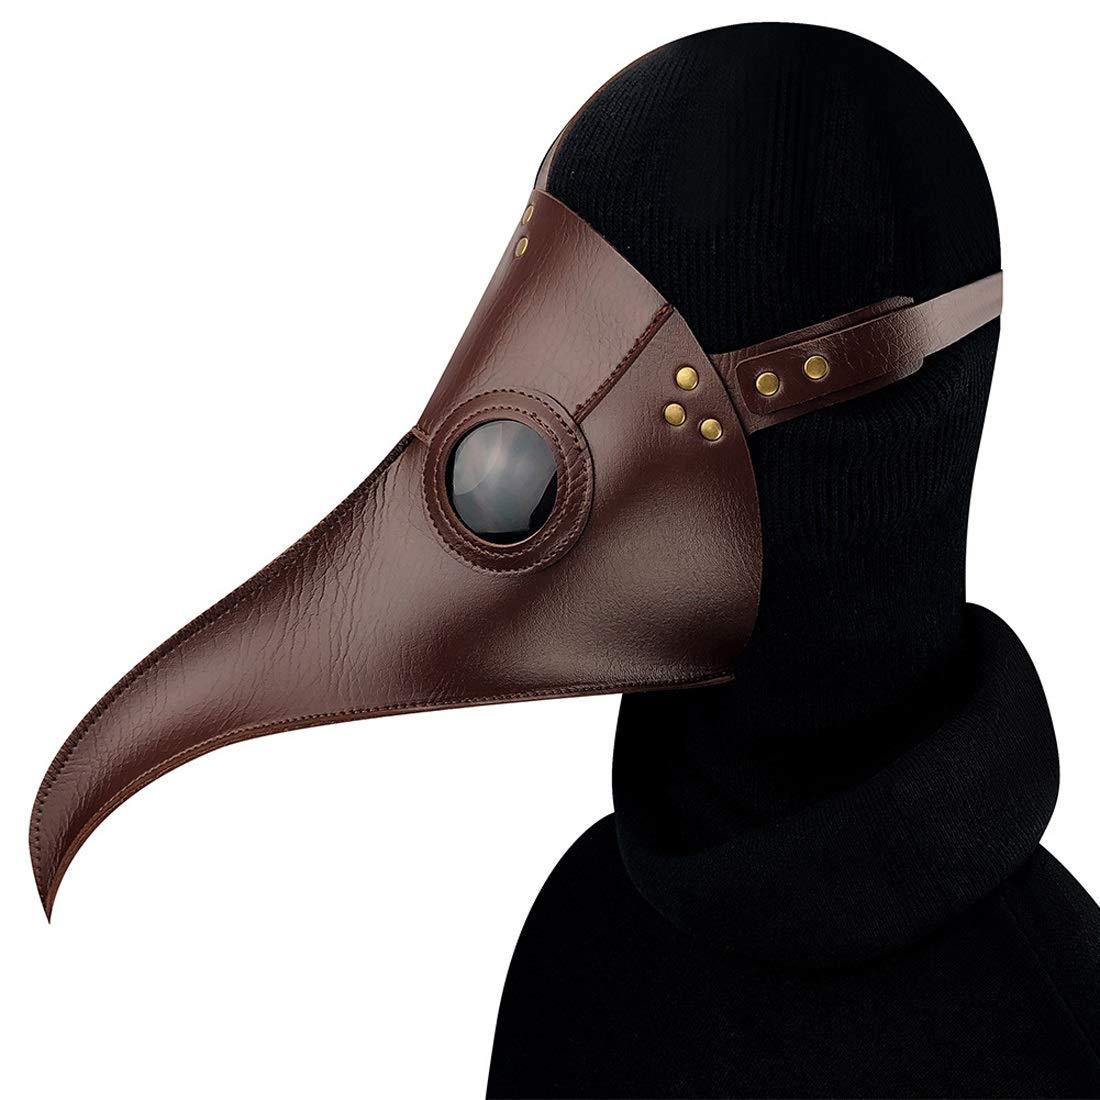 KERVINFENDRIYUN YY4 Braun Cuspirostrisornis Lange Nase Vogel Vogel Vogel Maske Schnabel mittelalterlichen Steampunk Halloween Party Maskerade Kostüm Requisiten 5a9551